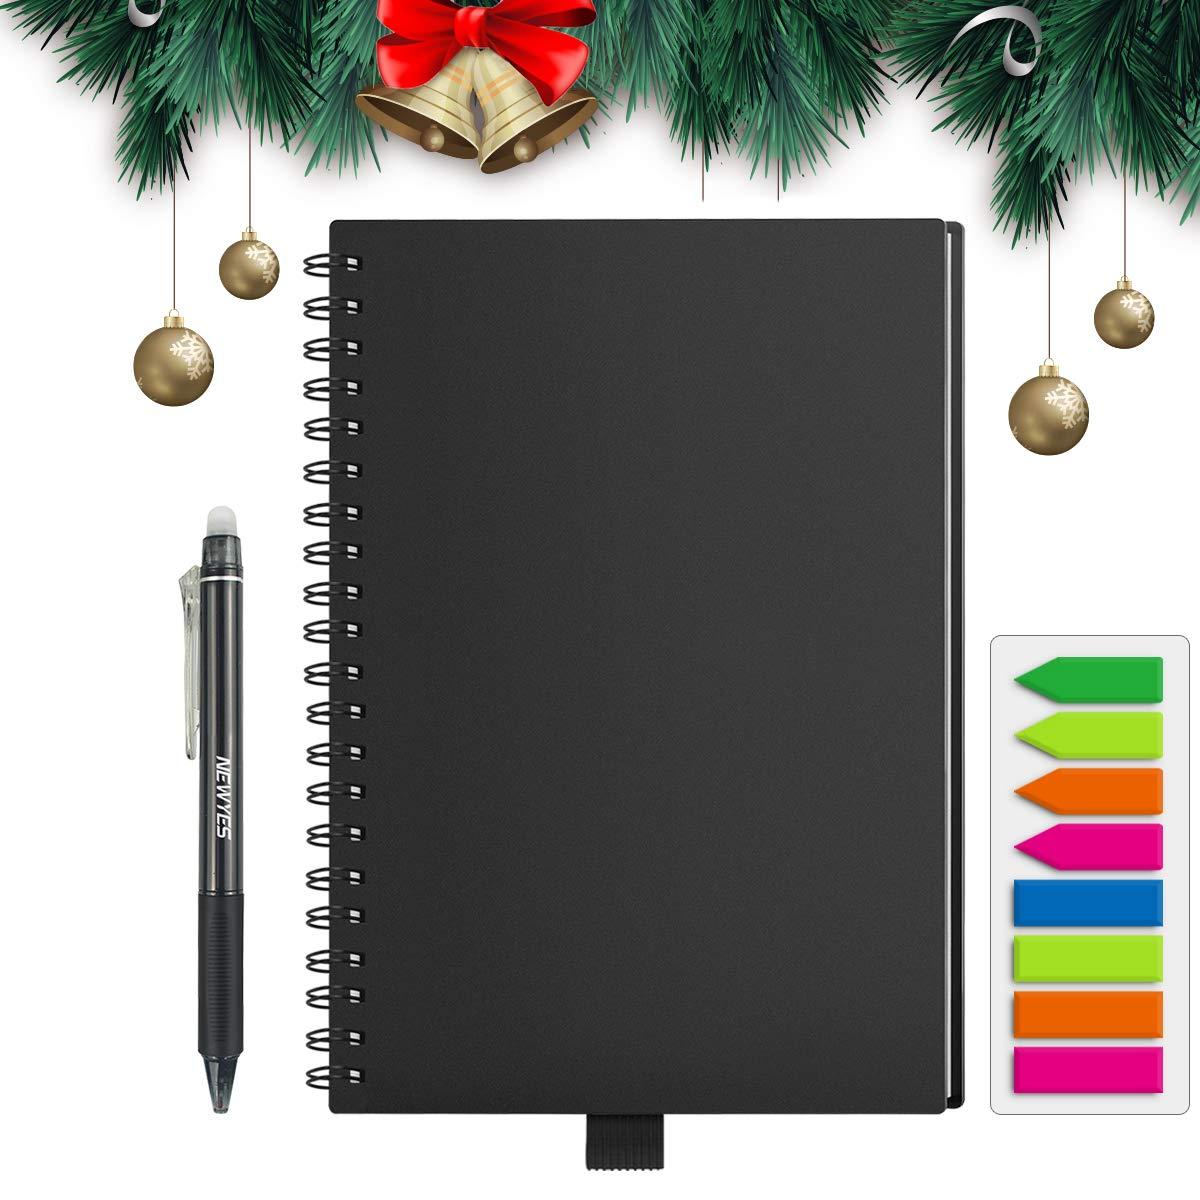 HOMESTEC Reusable Notebook Erasable Wirebound